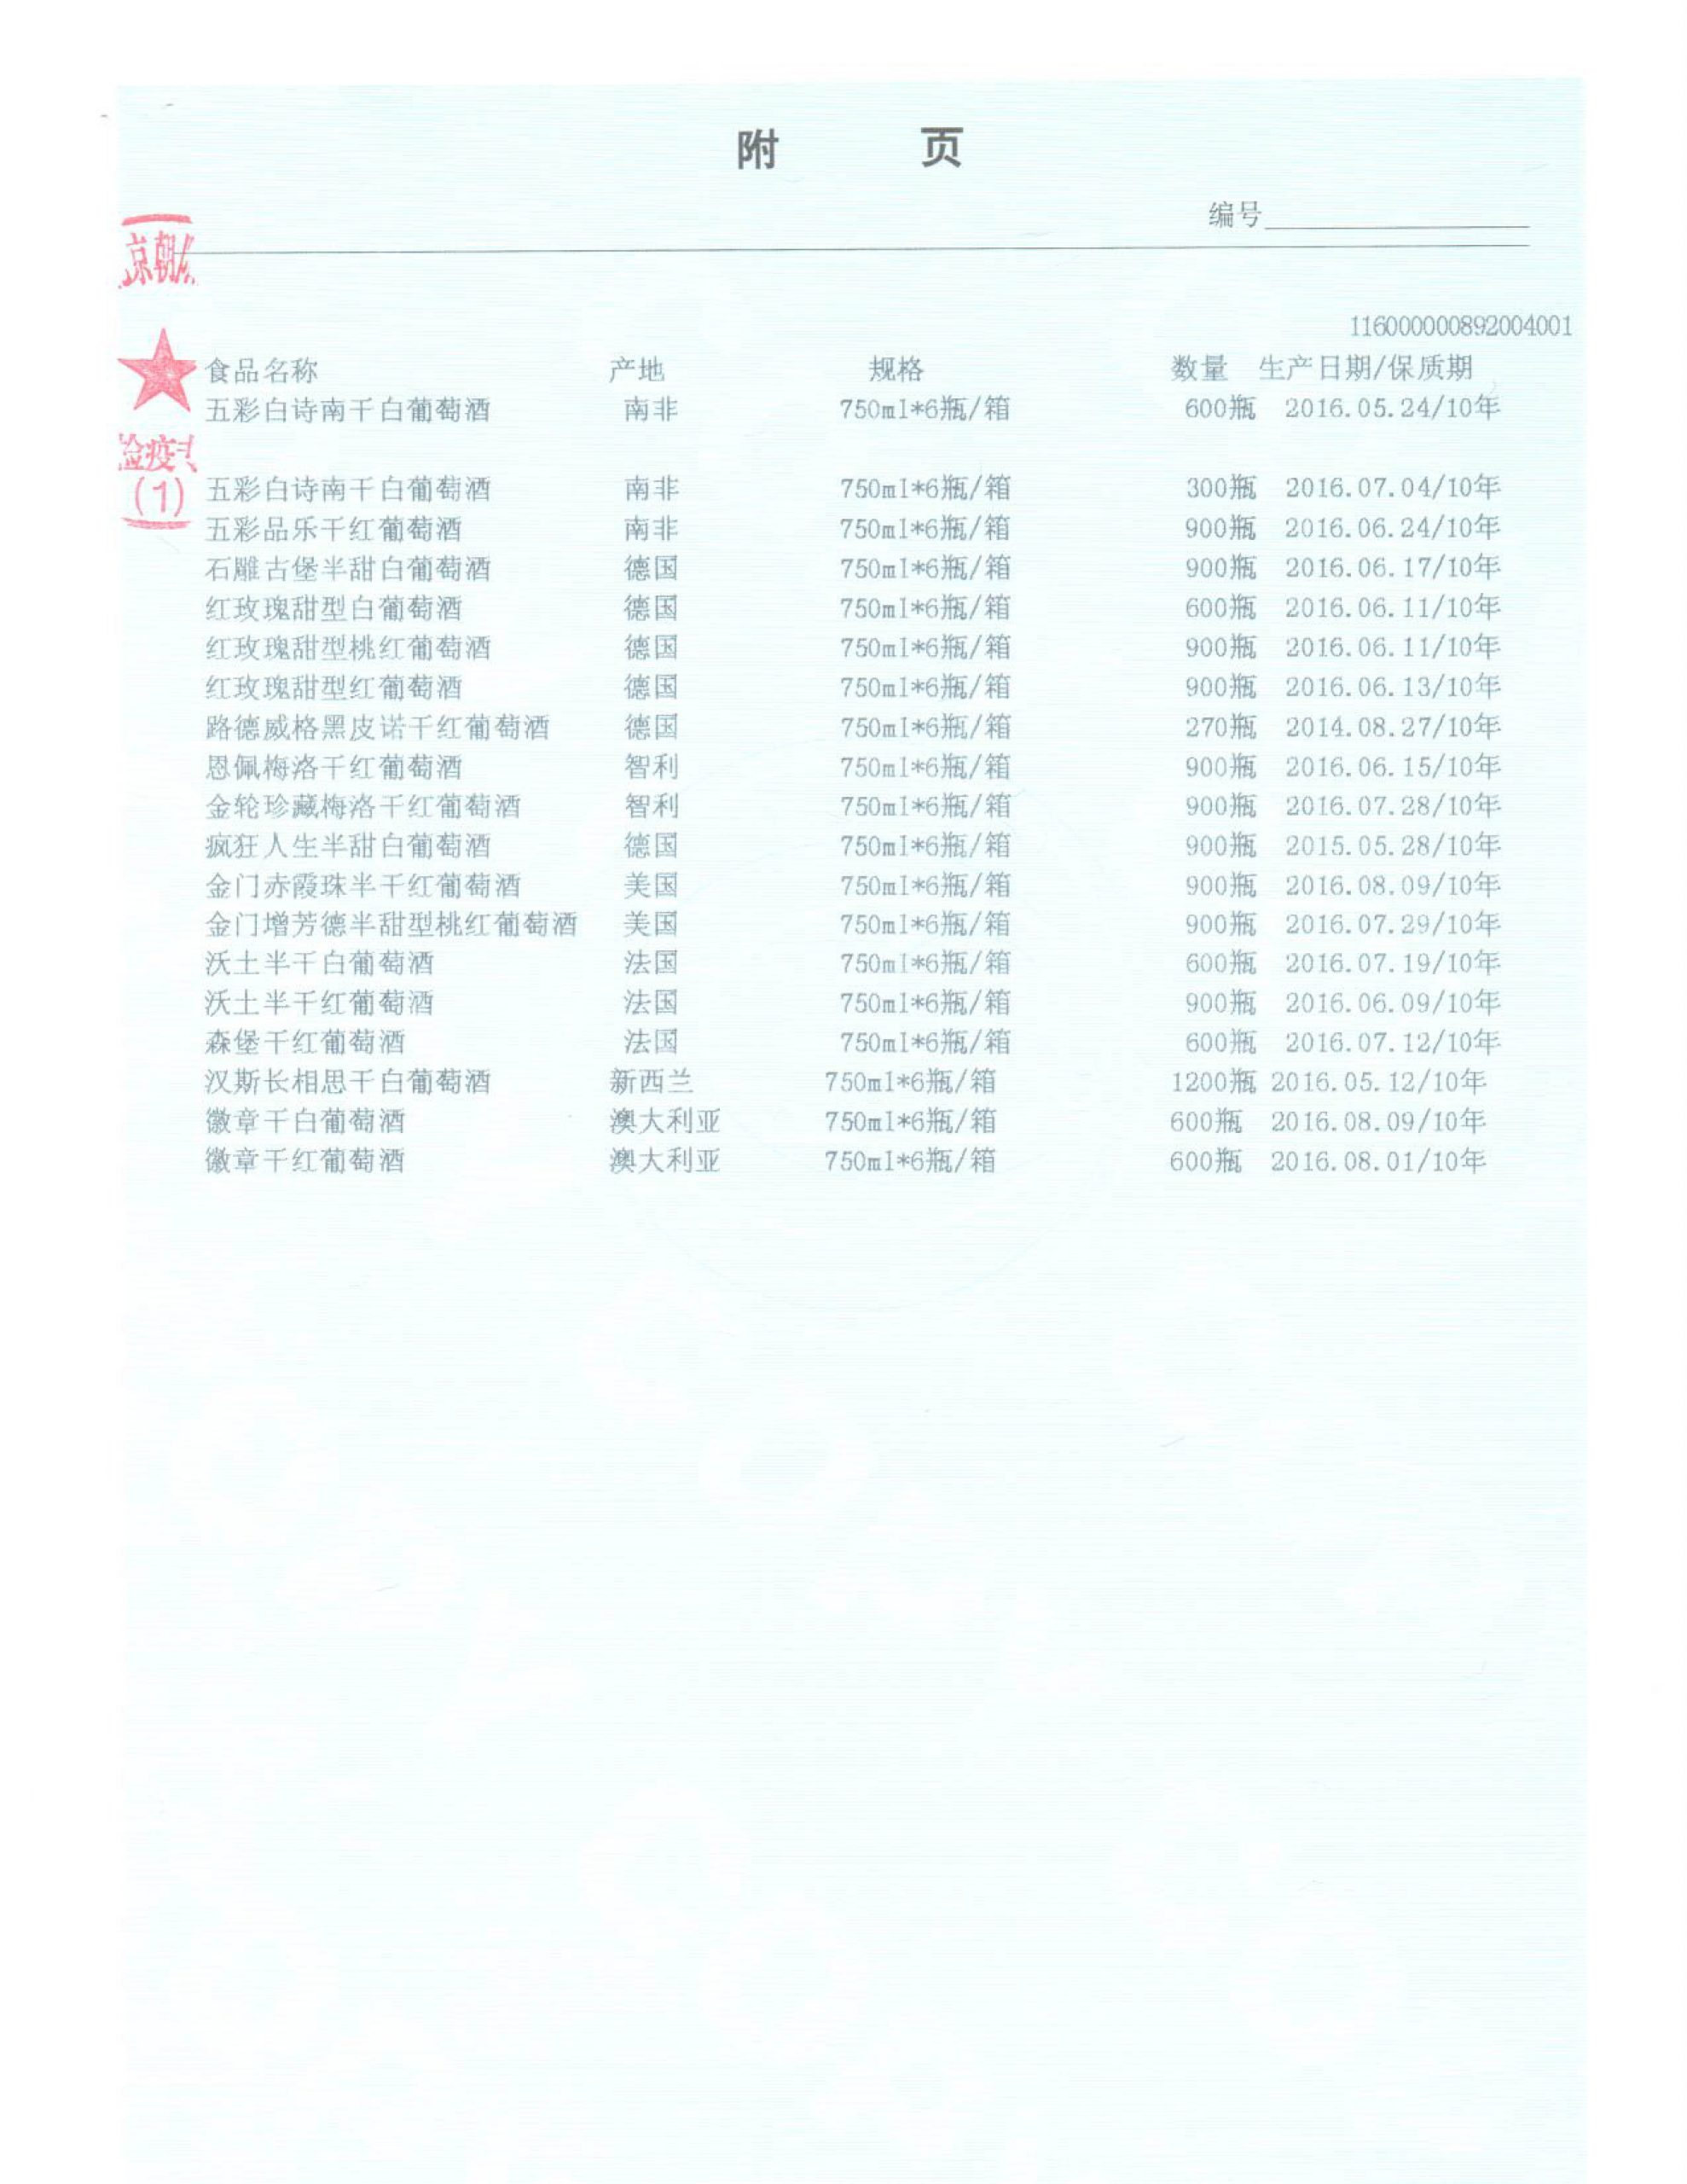 五彩品乐干红葡萄酒08-齐饮(CHEERS)进口葡萄酒店